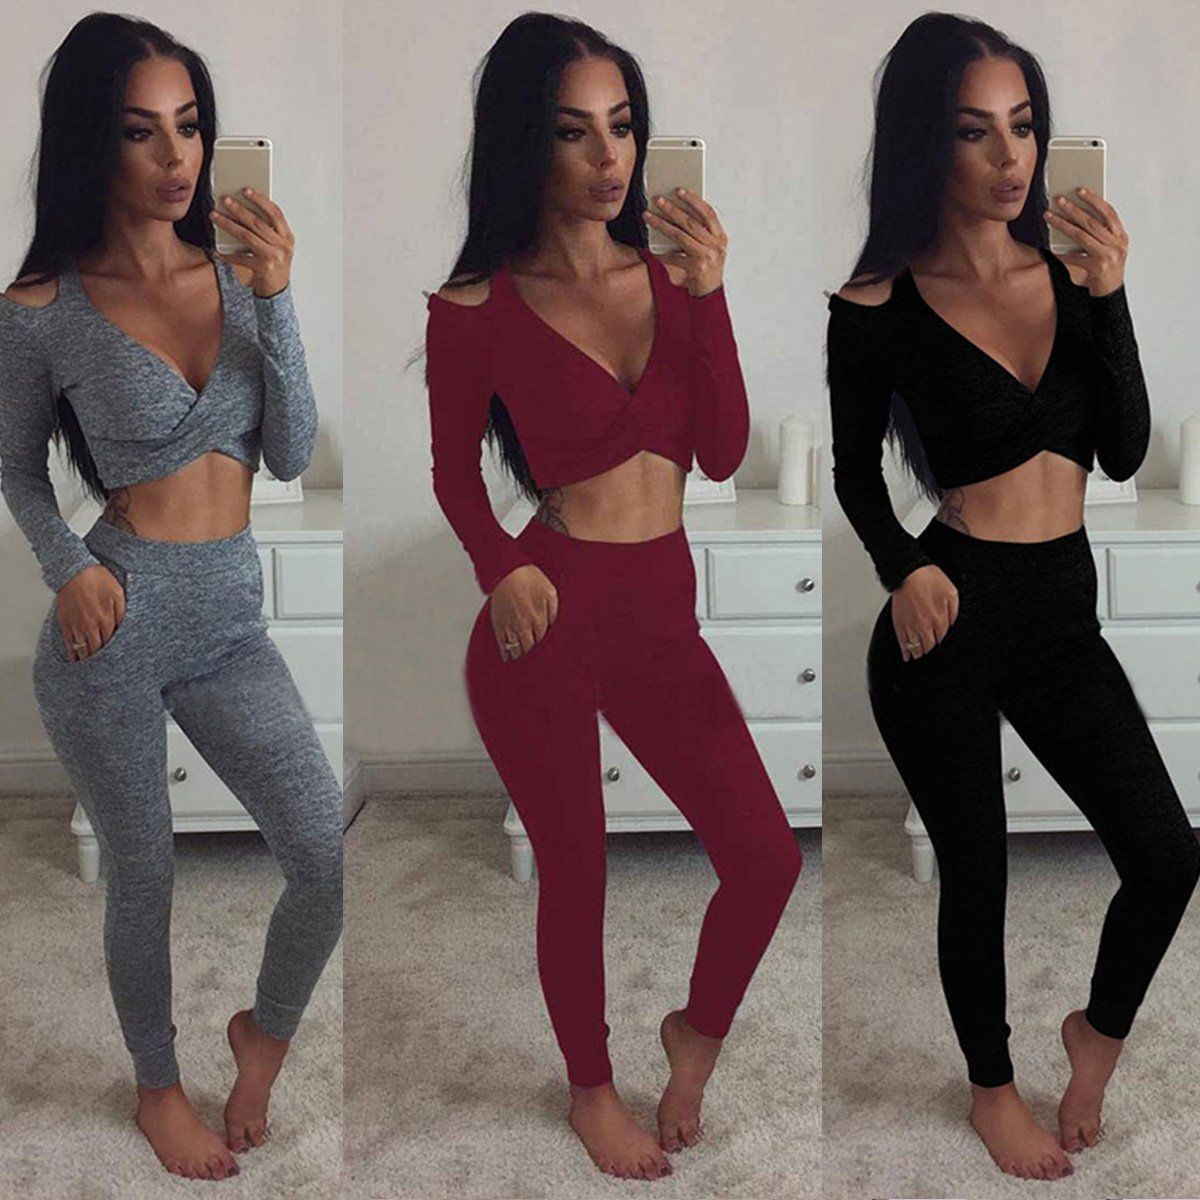 549636e0b 2PCS Set Women Sports Suit Crop Top Pants Outfit Yoga Workout ...